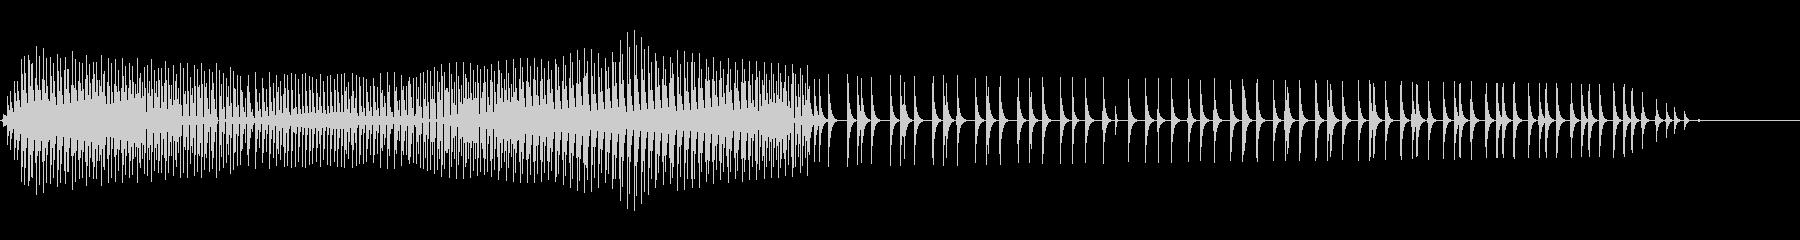 ピボ(不正解/攻撃/ファミコン/ノイズの未再生の波形